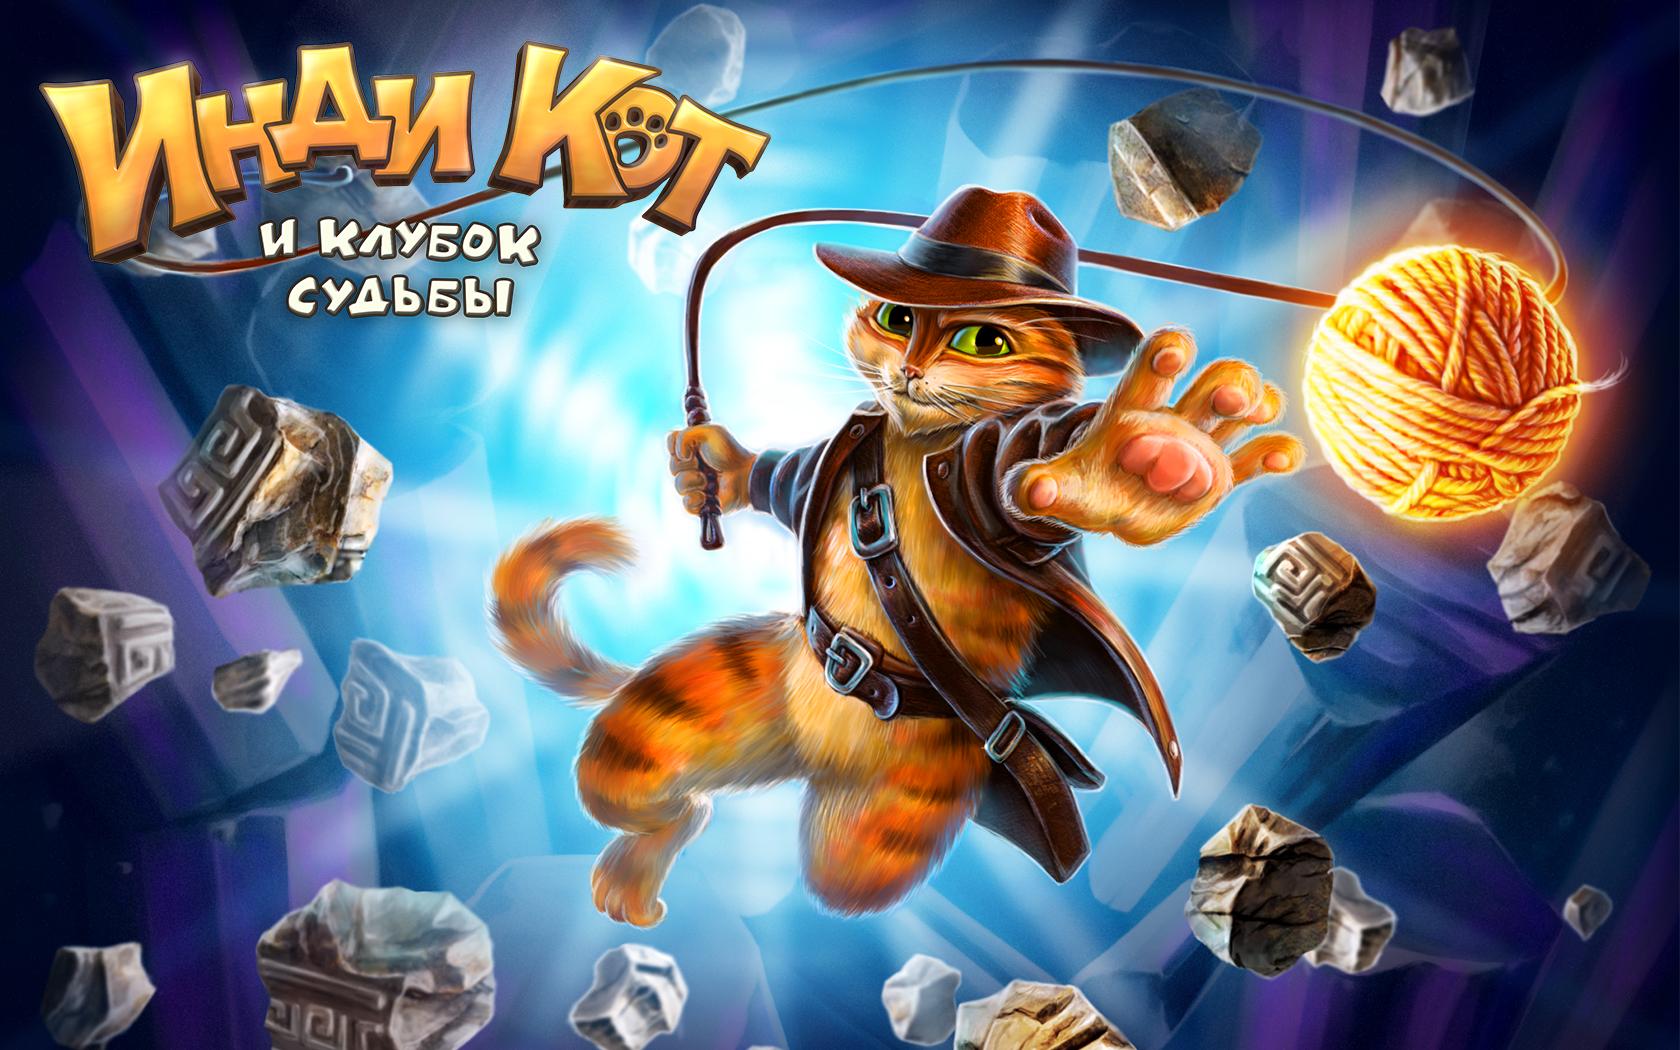 Игра инди кот в фейсбук